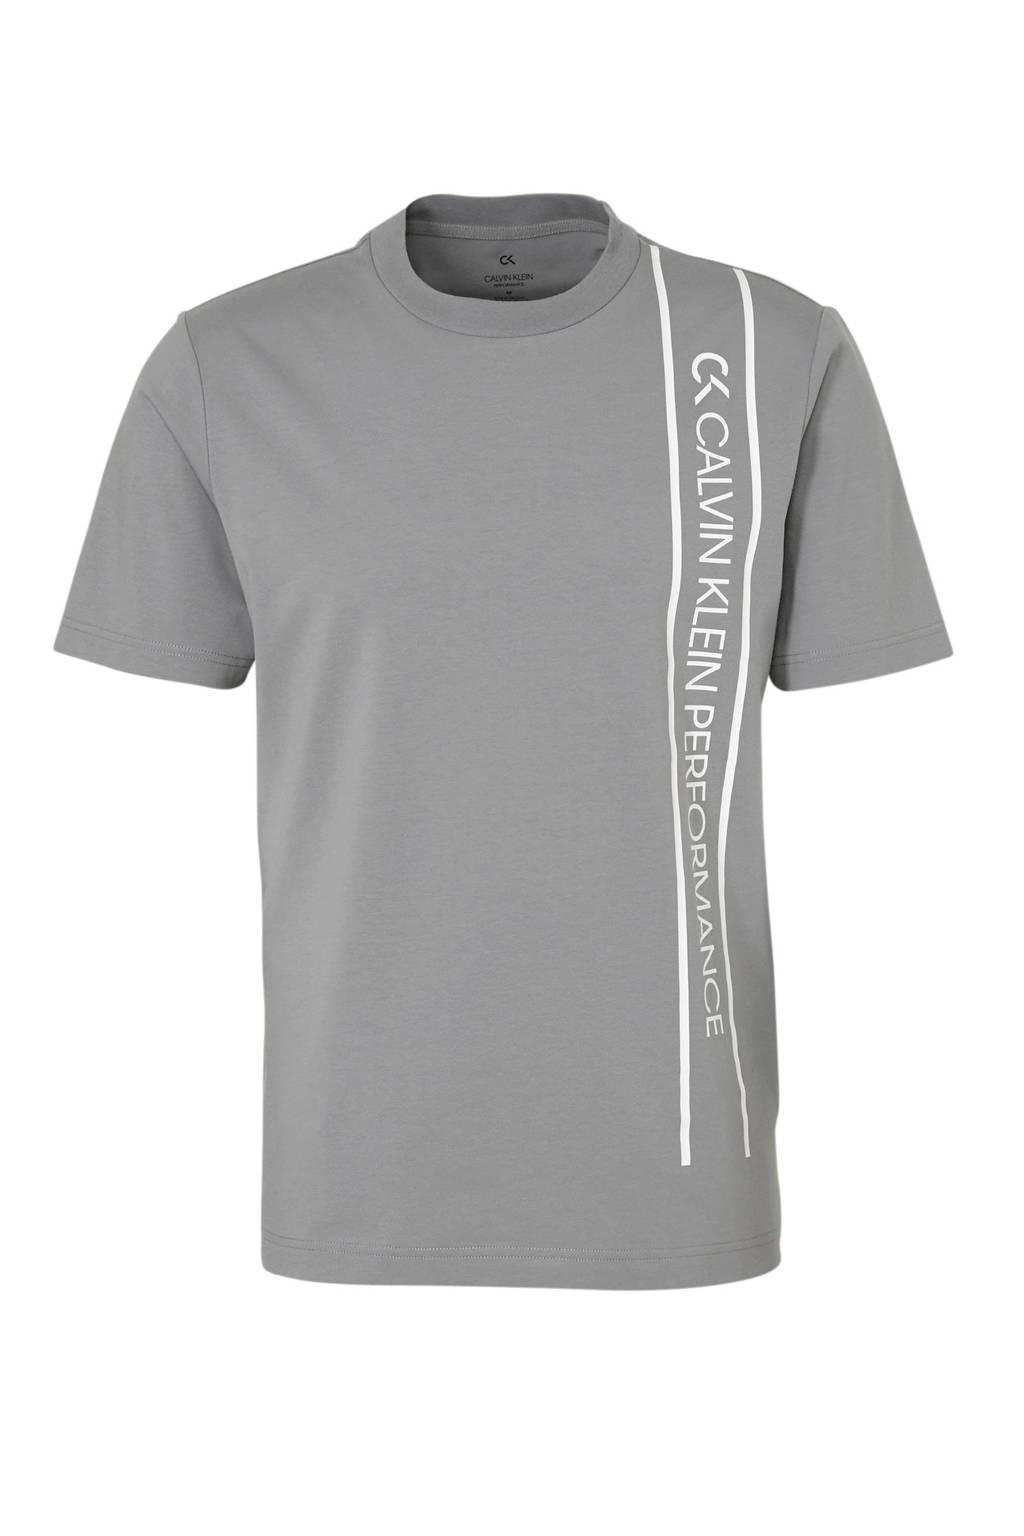 Calvin Klein   sport T-shirt met printopdruk grijs, Grijs